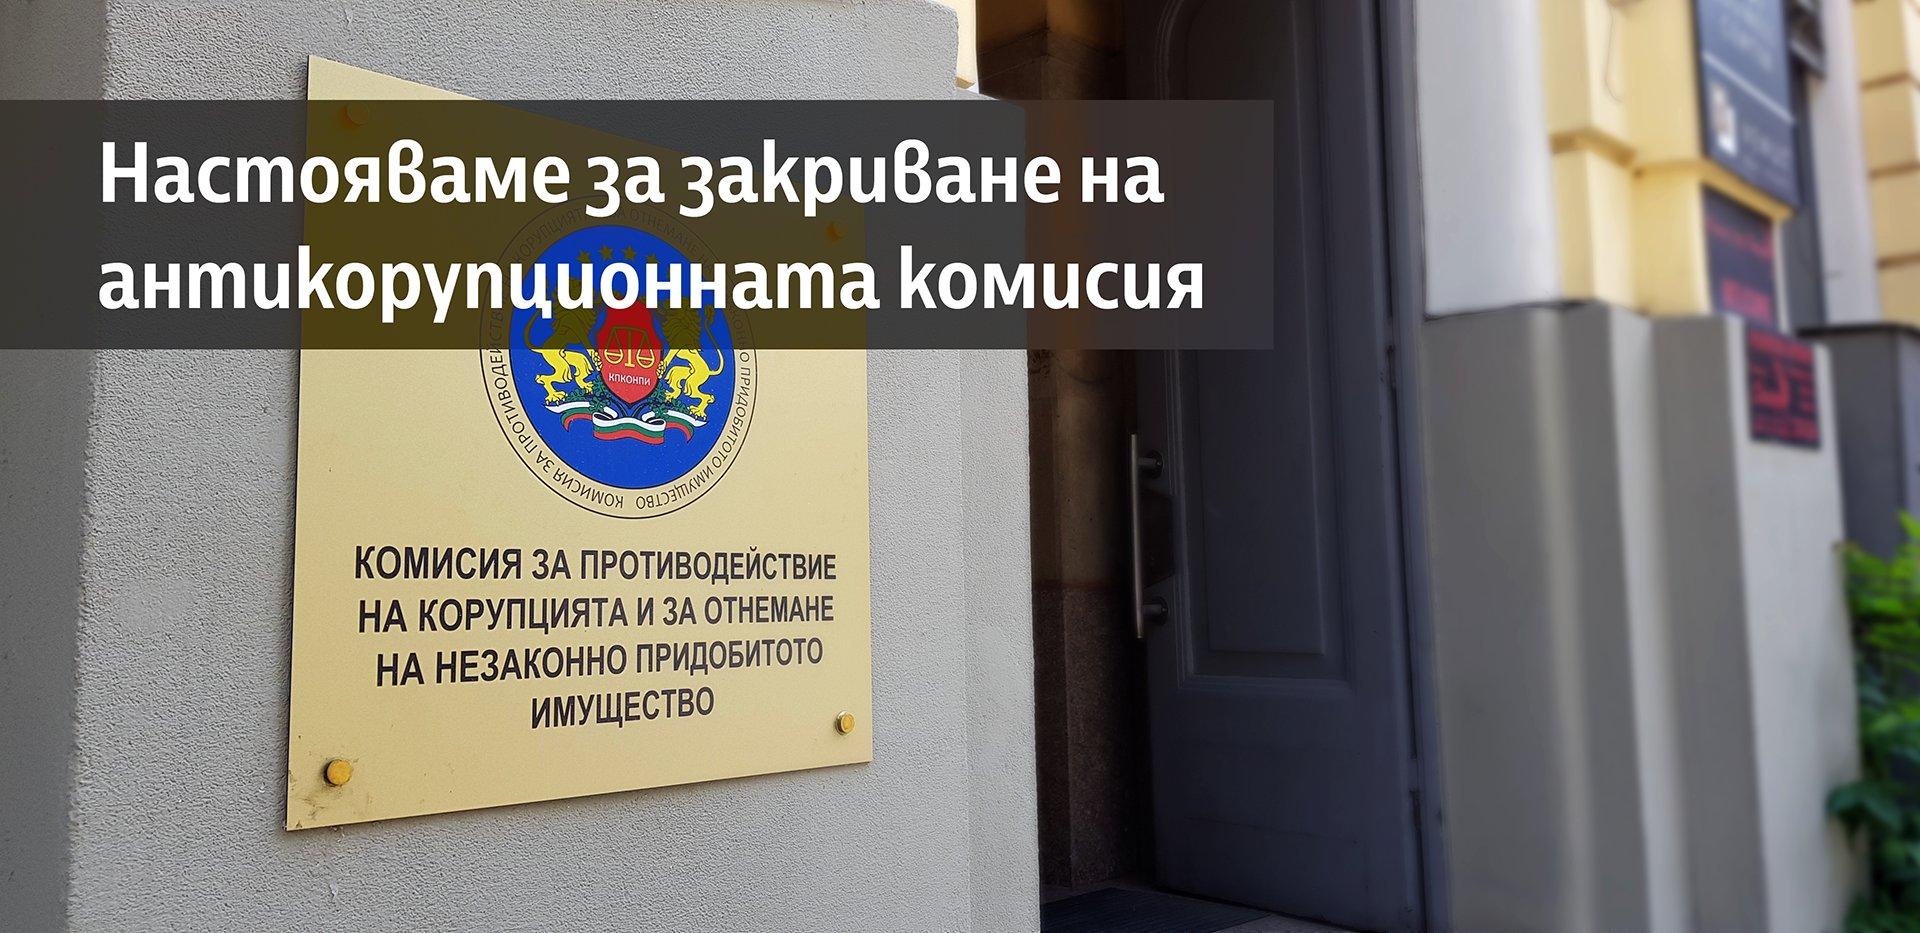 Демократична България настоява за закриване на антикорупционната комисия